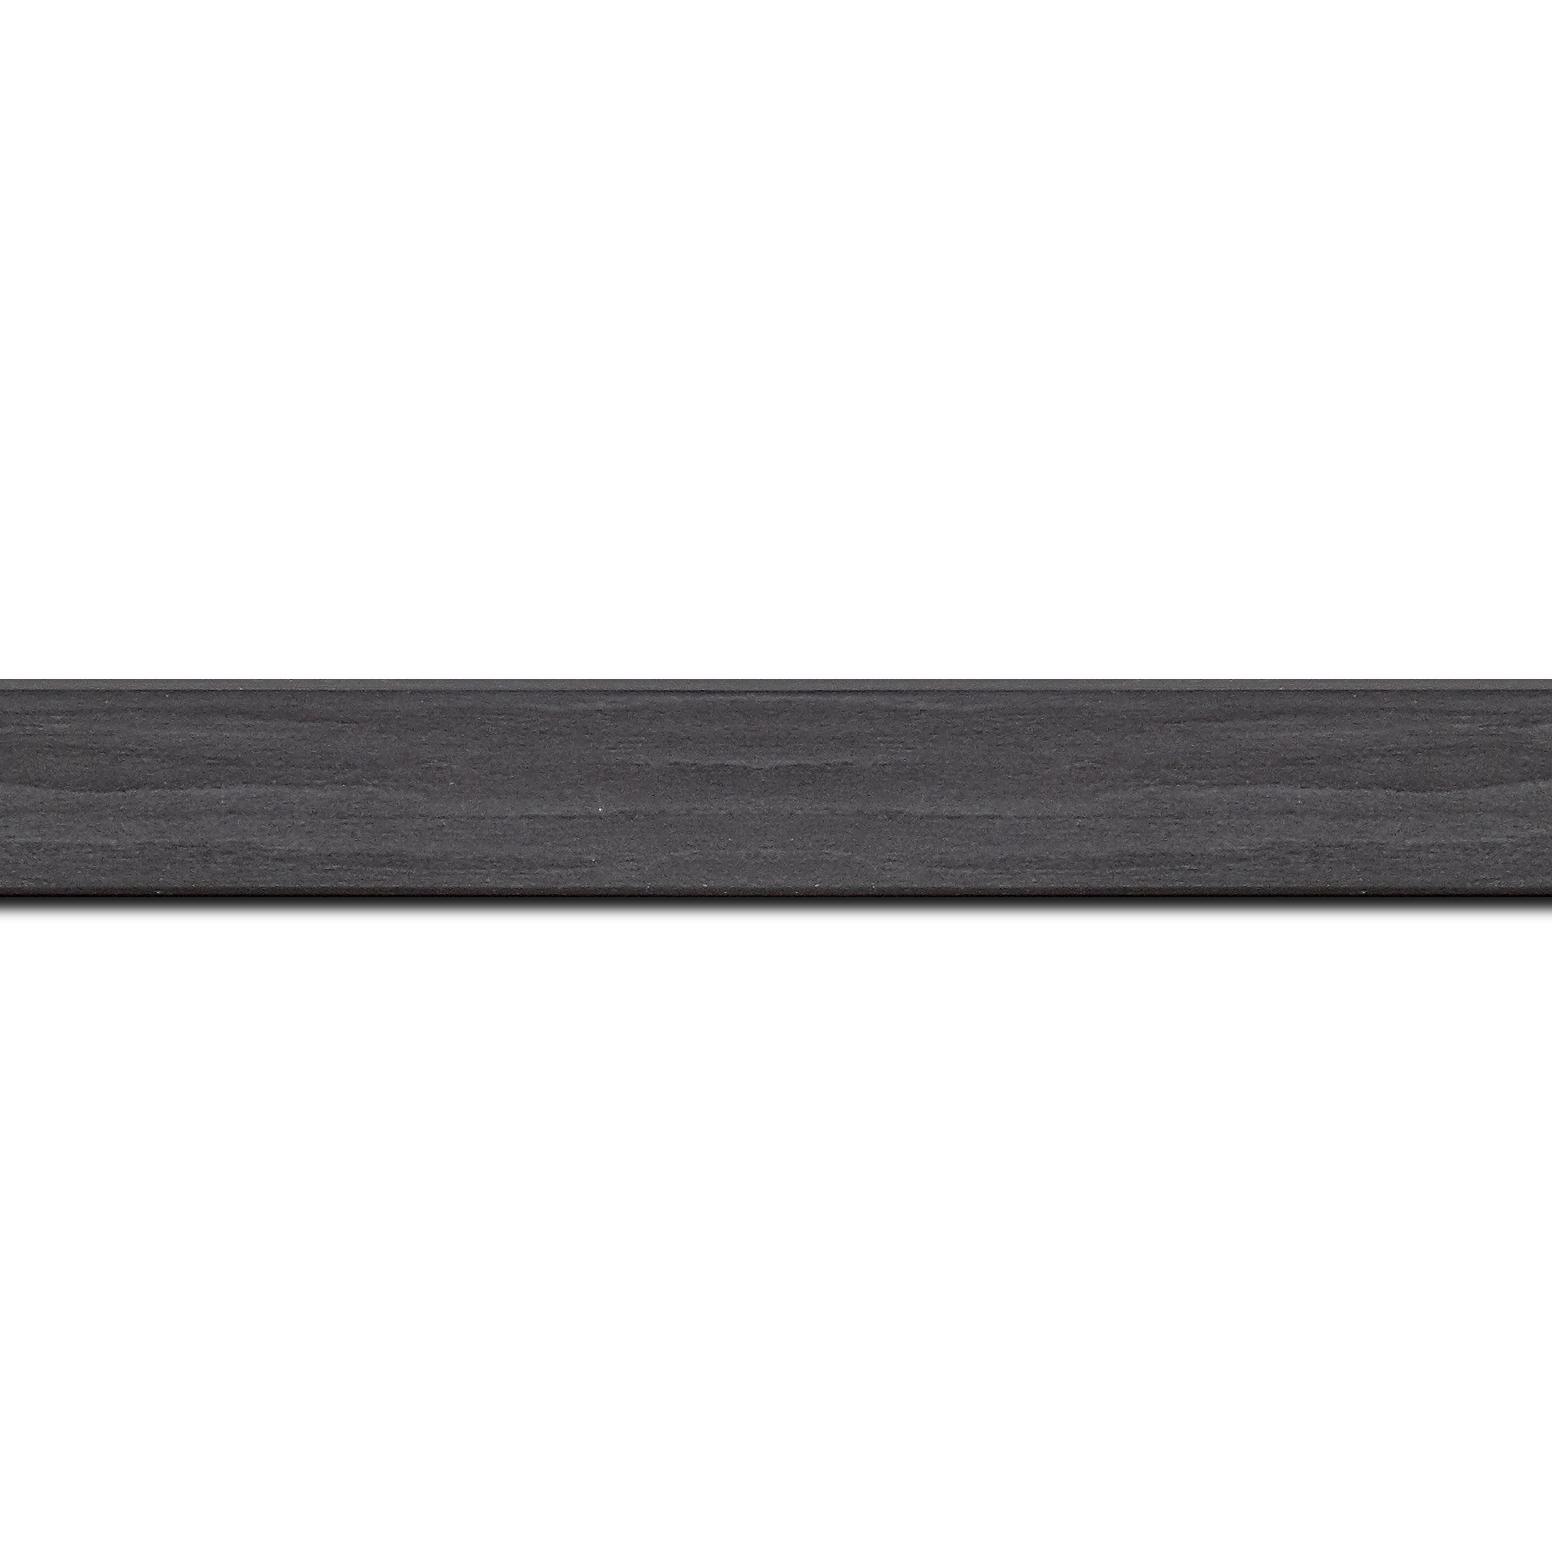 Baguette longueur 1.40m bois profil plat largeur 2.6cm hauteur 5cm décor bois noir ébène